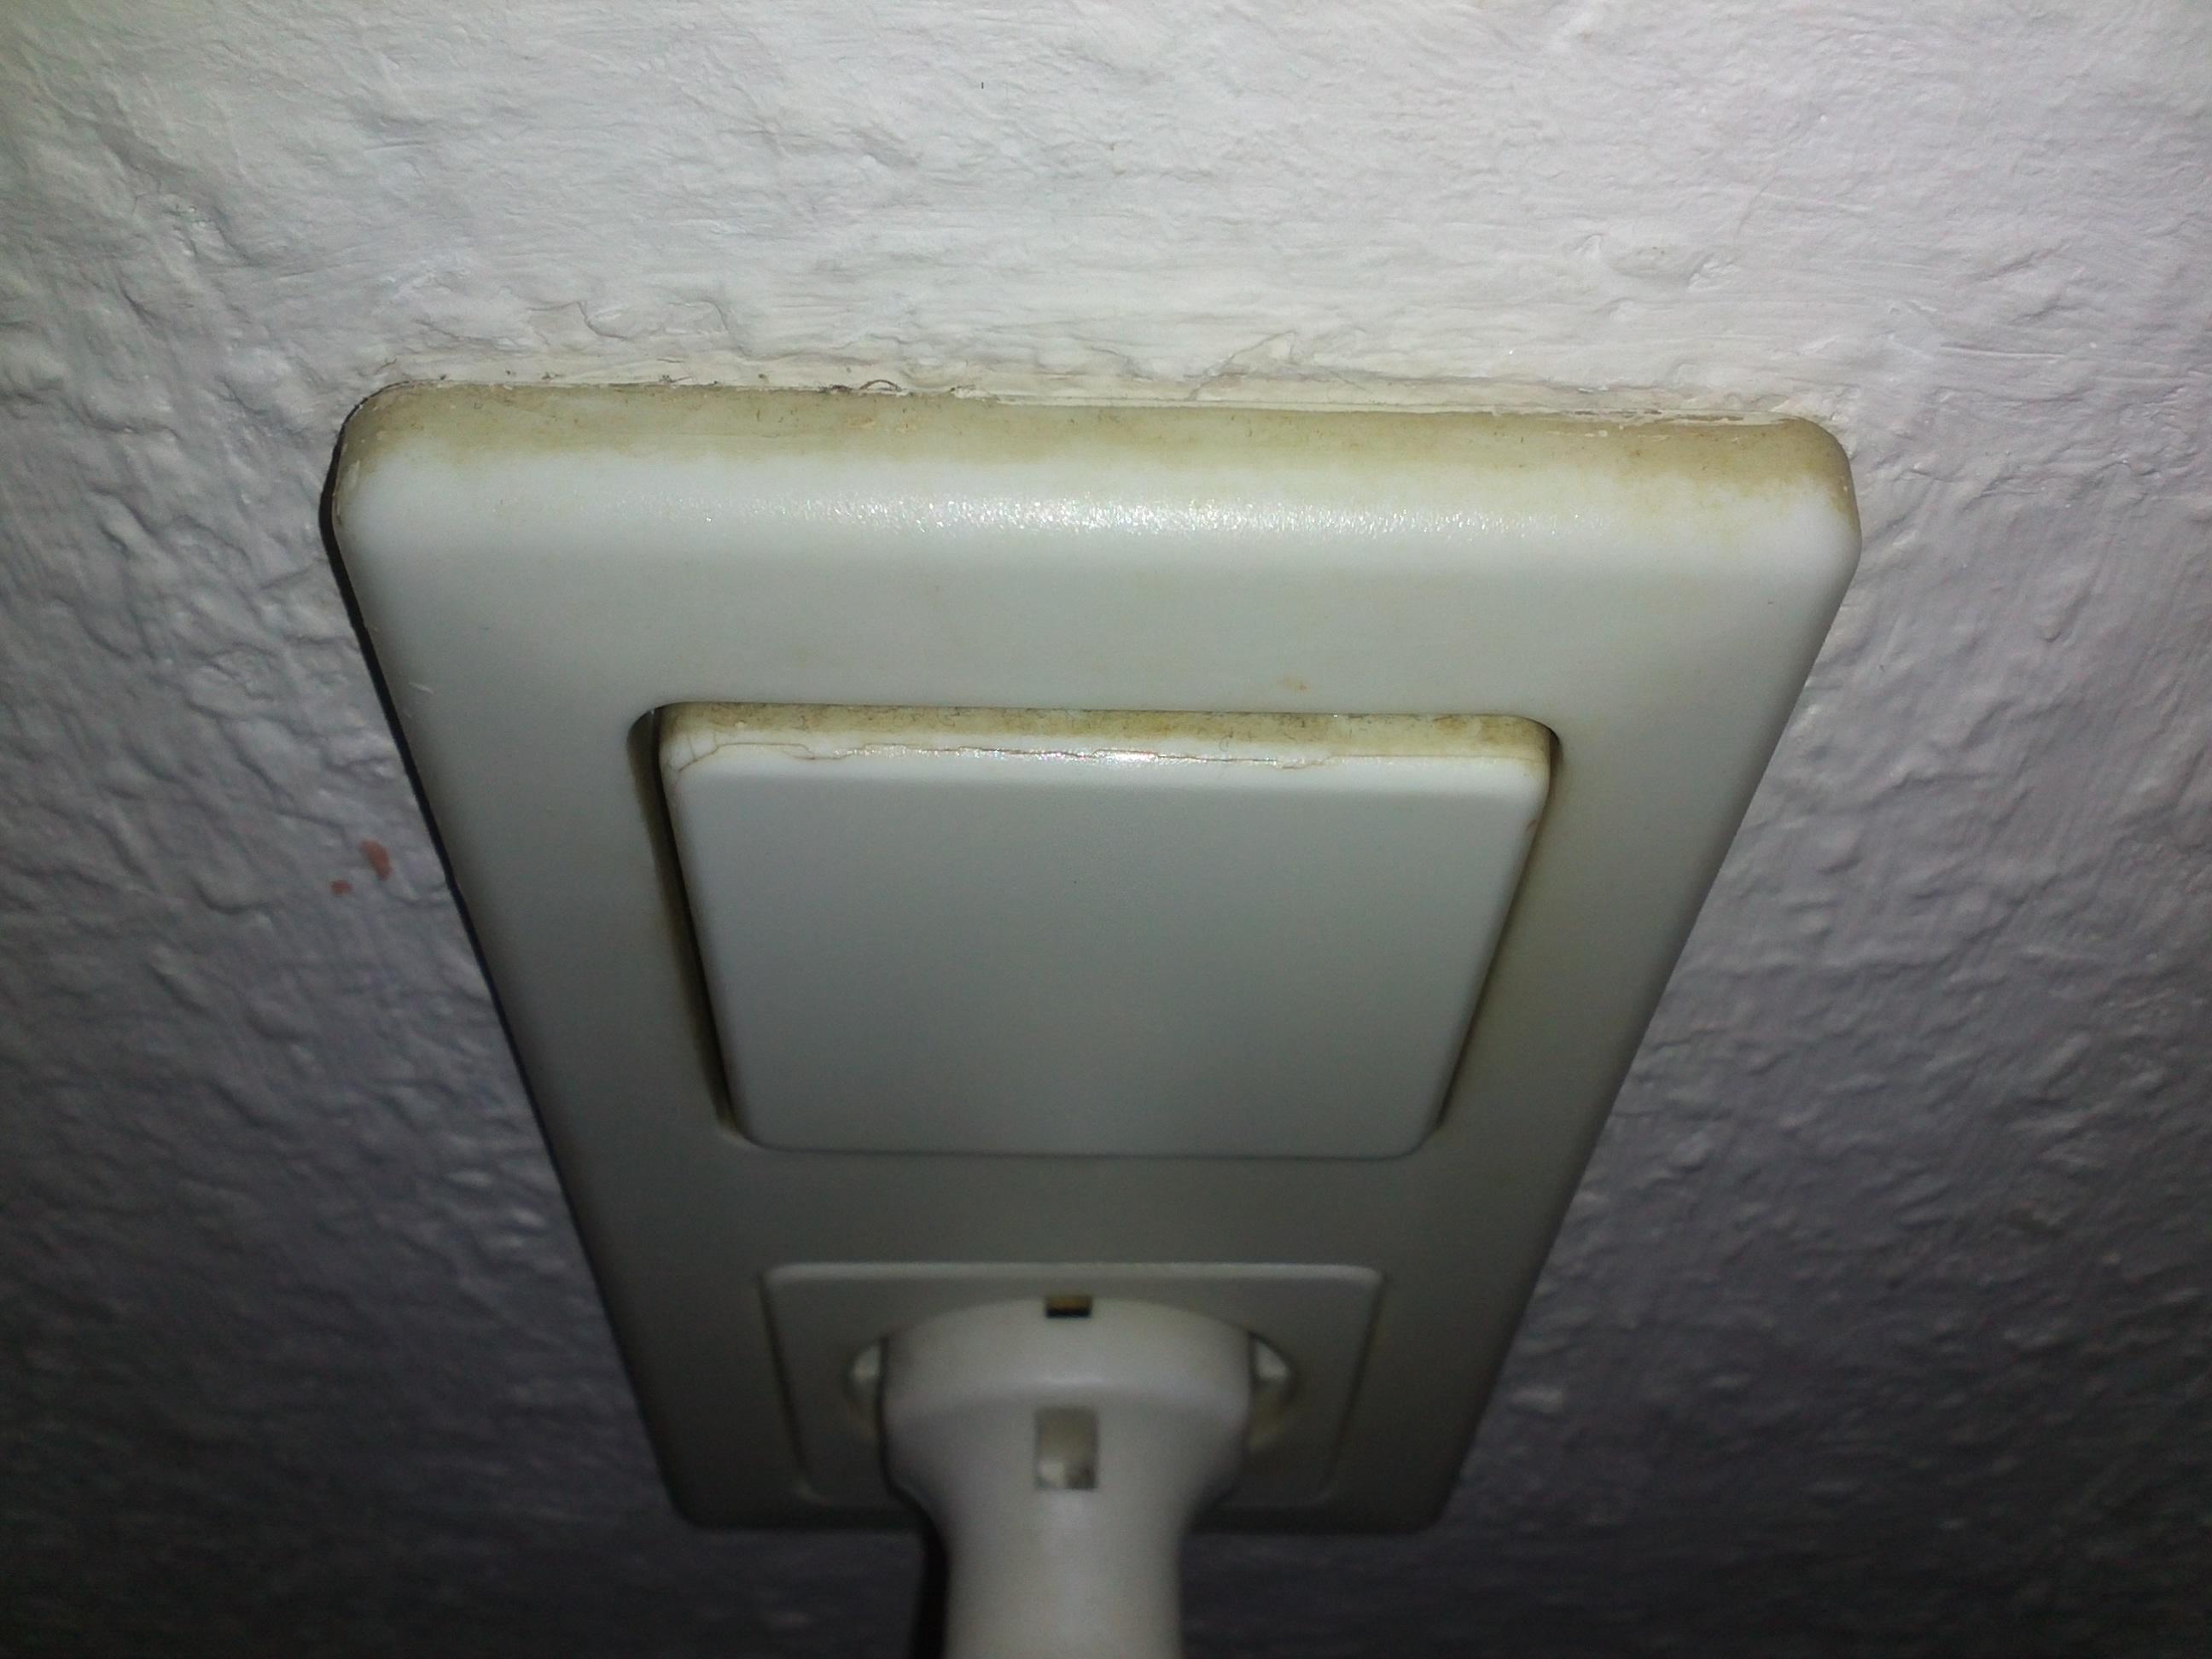 abdeckung von lichtschalter ist locker wie kann ich die abdeckung an der wand fixieren. Black Bedroom Furniture Sets. Home Design Ideas